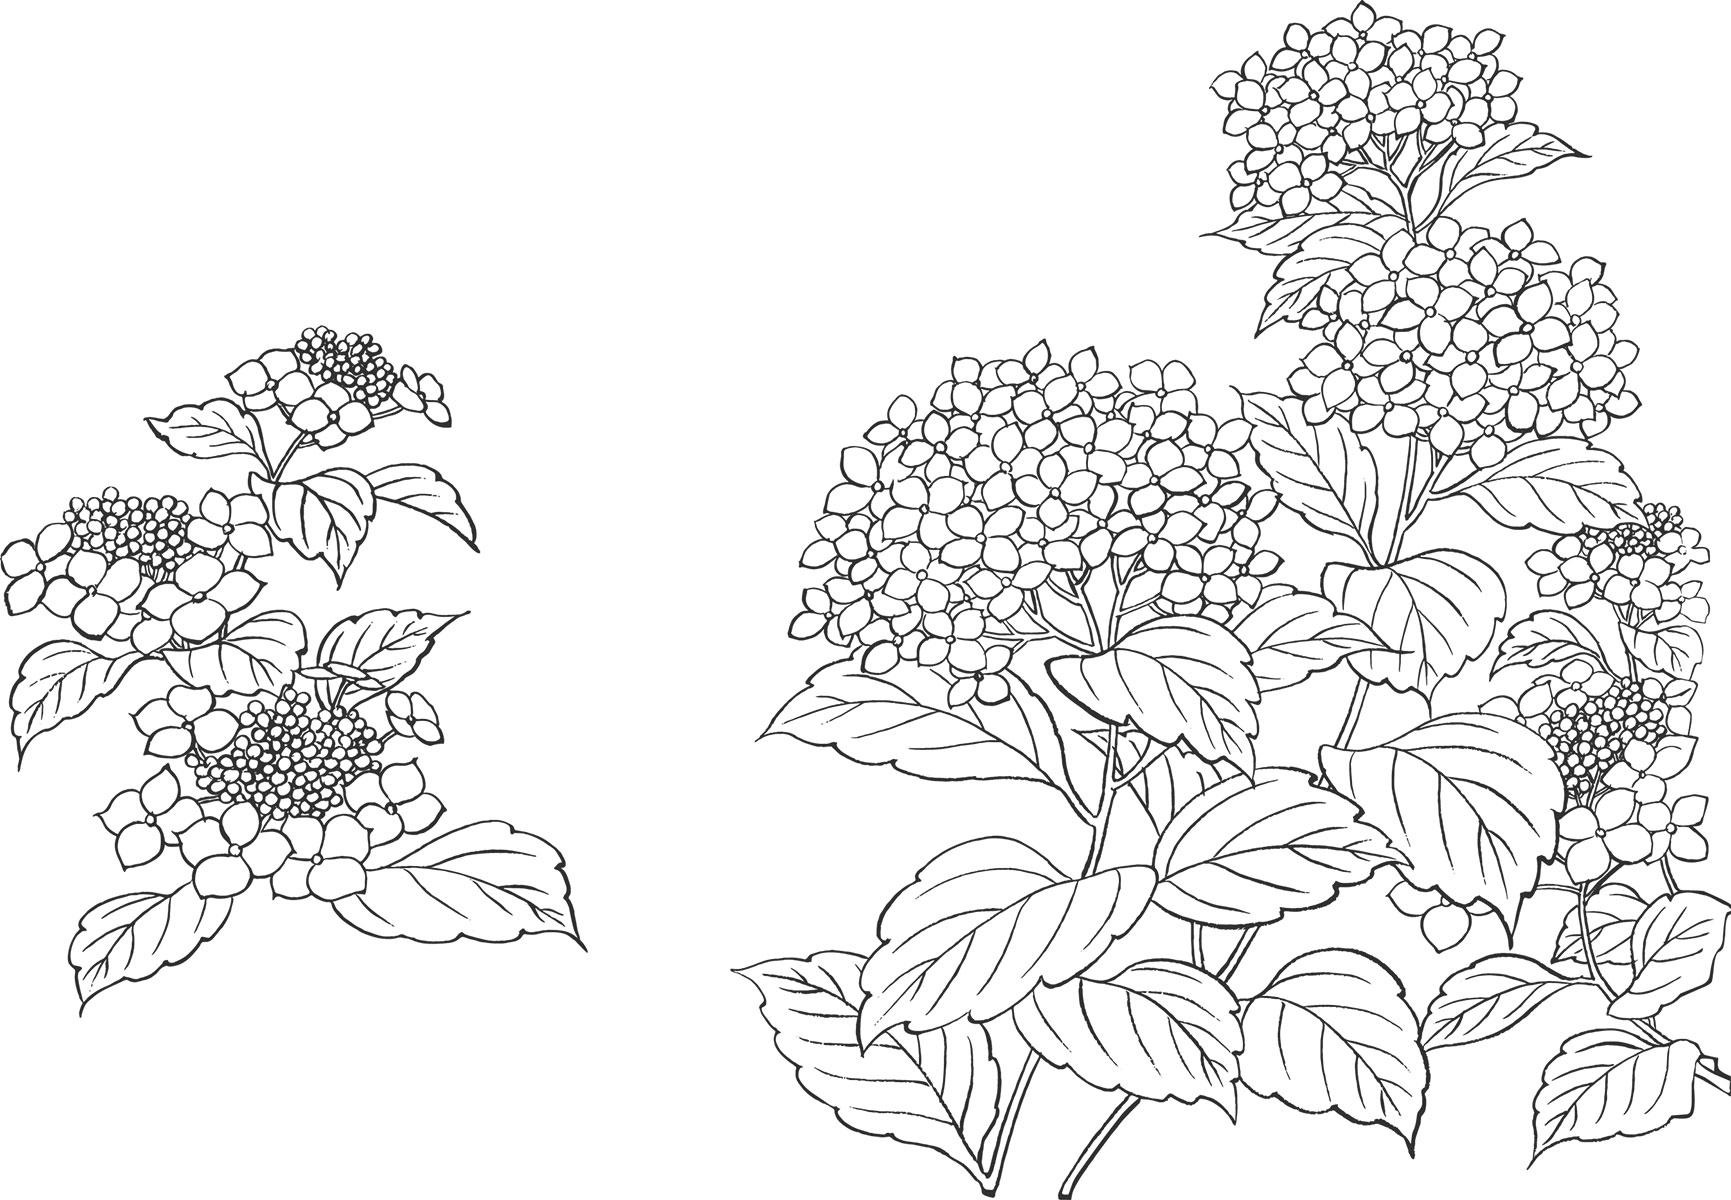 花のイラストフリー素材白黒モノクロno042白黒あじさいリアル